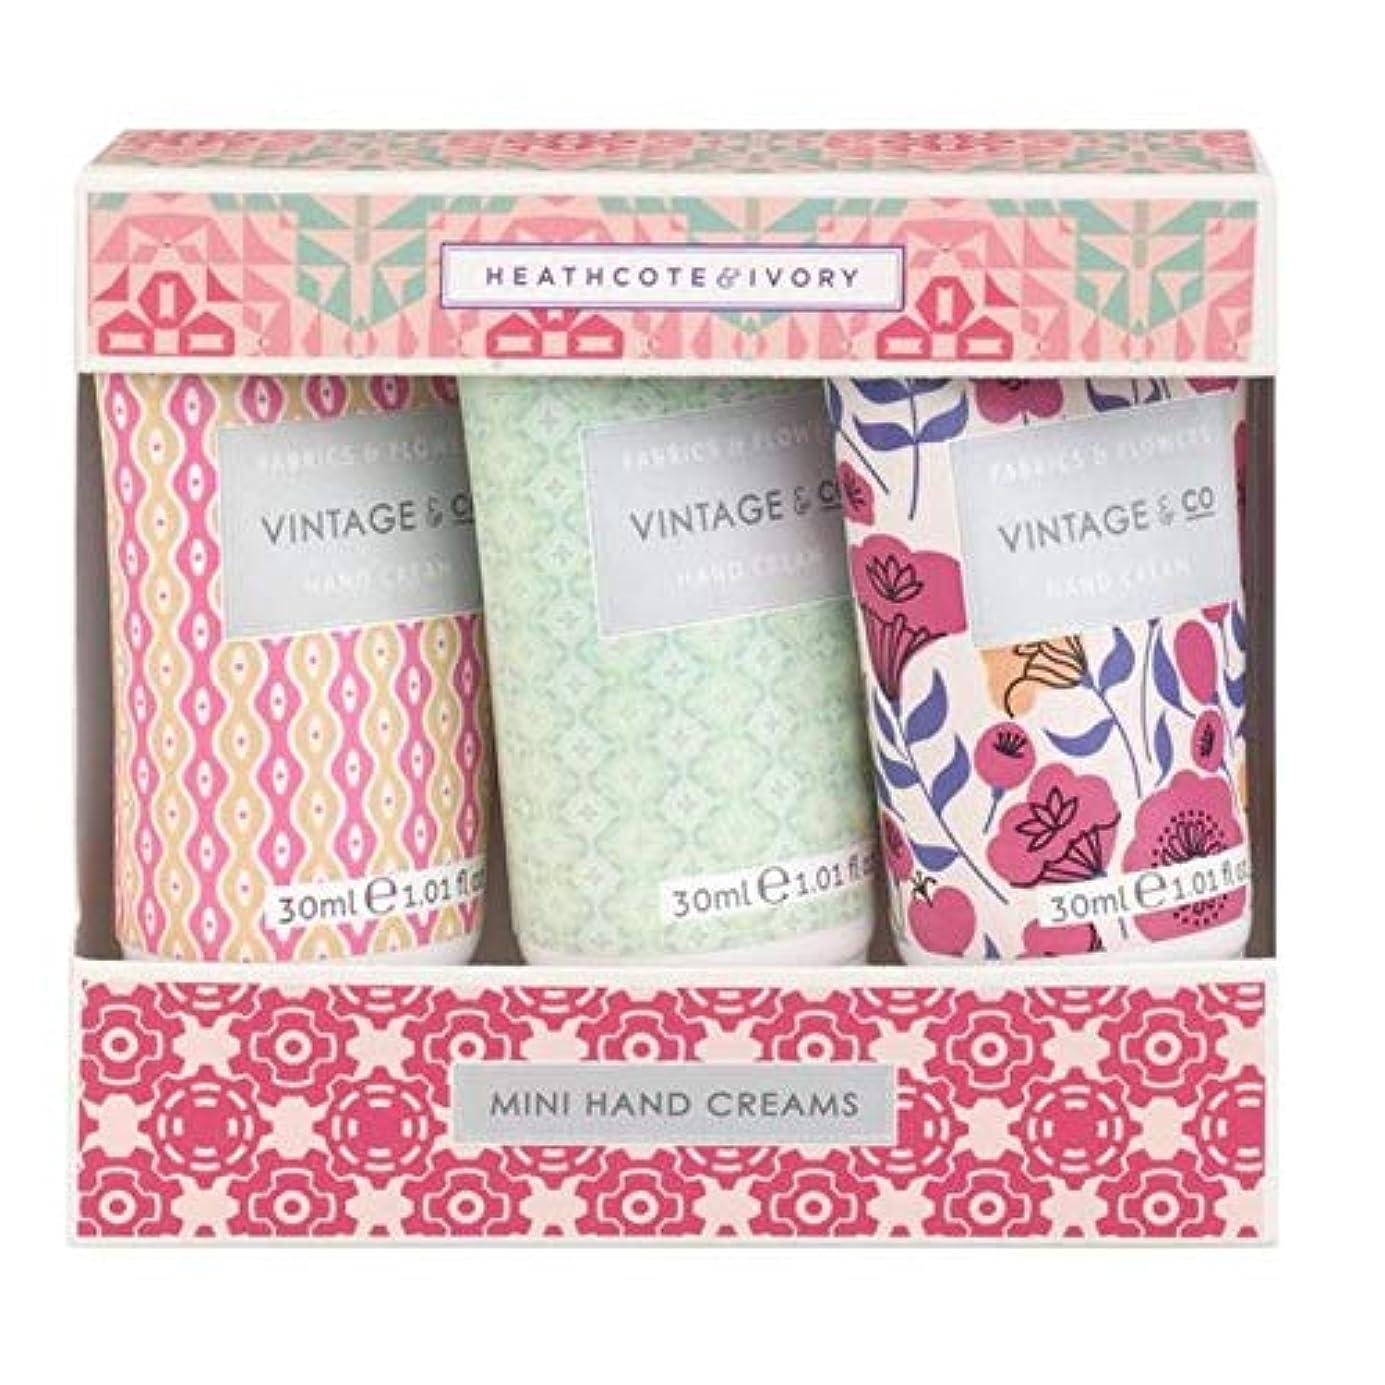 カトリック教徒満了フォロー[Heathcote & Ivory ] ヒースコート&アイボリーファブリック&フラワーミニハンドクリーム - Heathcote & Ivory Fabric & Flowers Mini Hand Creams [並行輸入品]